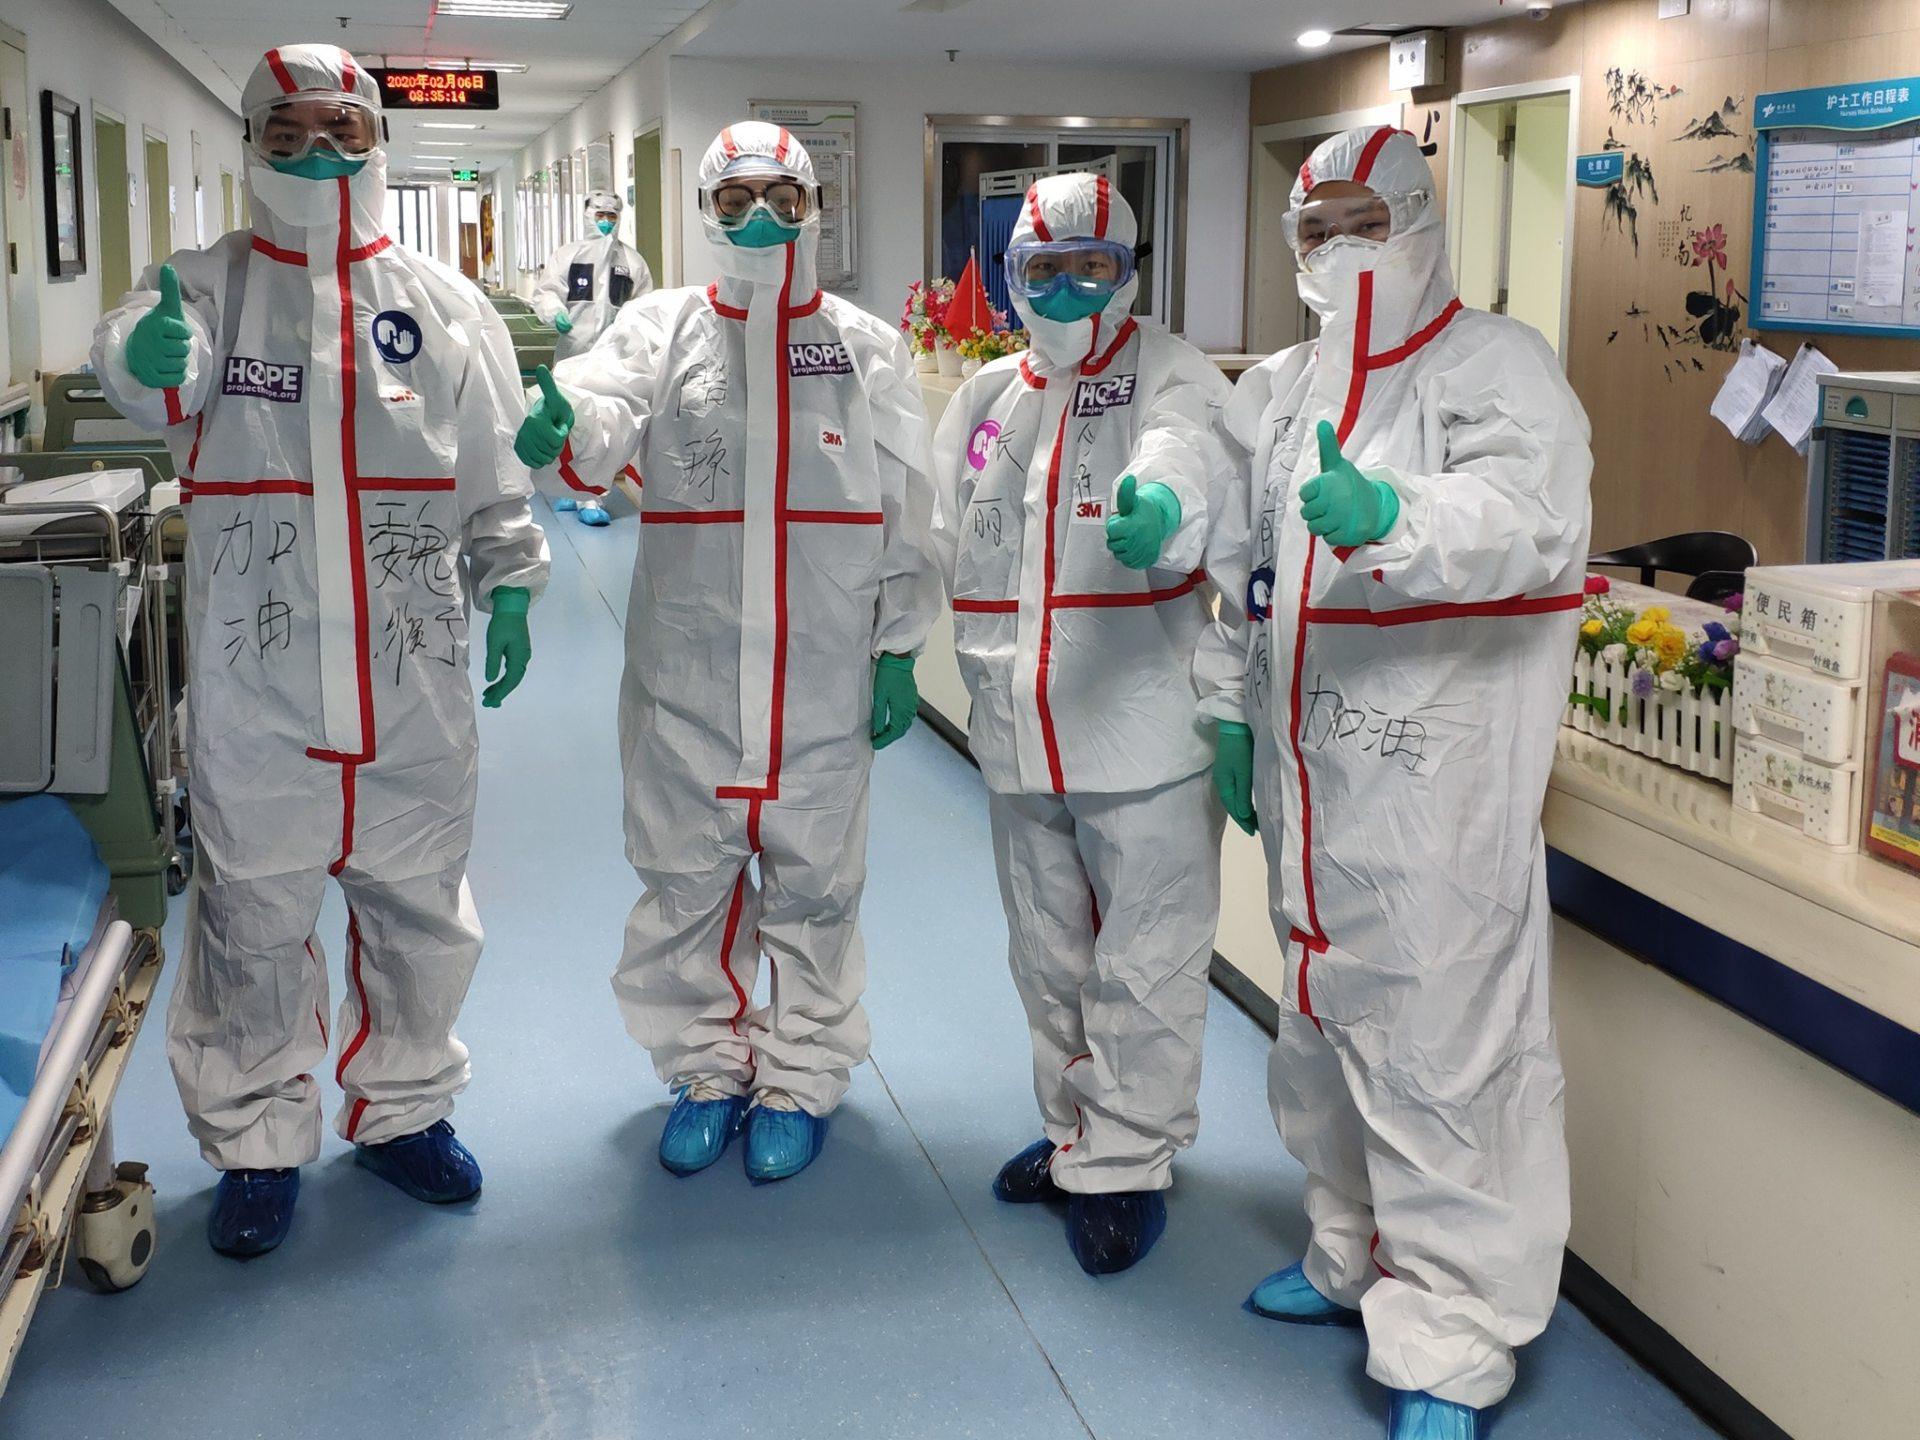 больницы, USAID, защитные костюмы, COVID-19